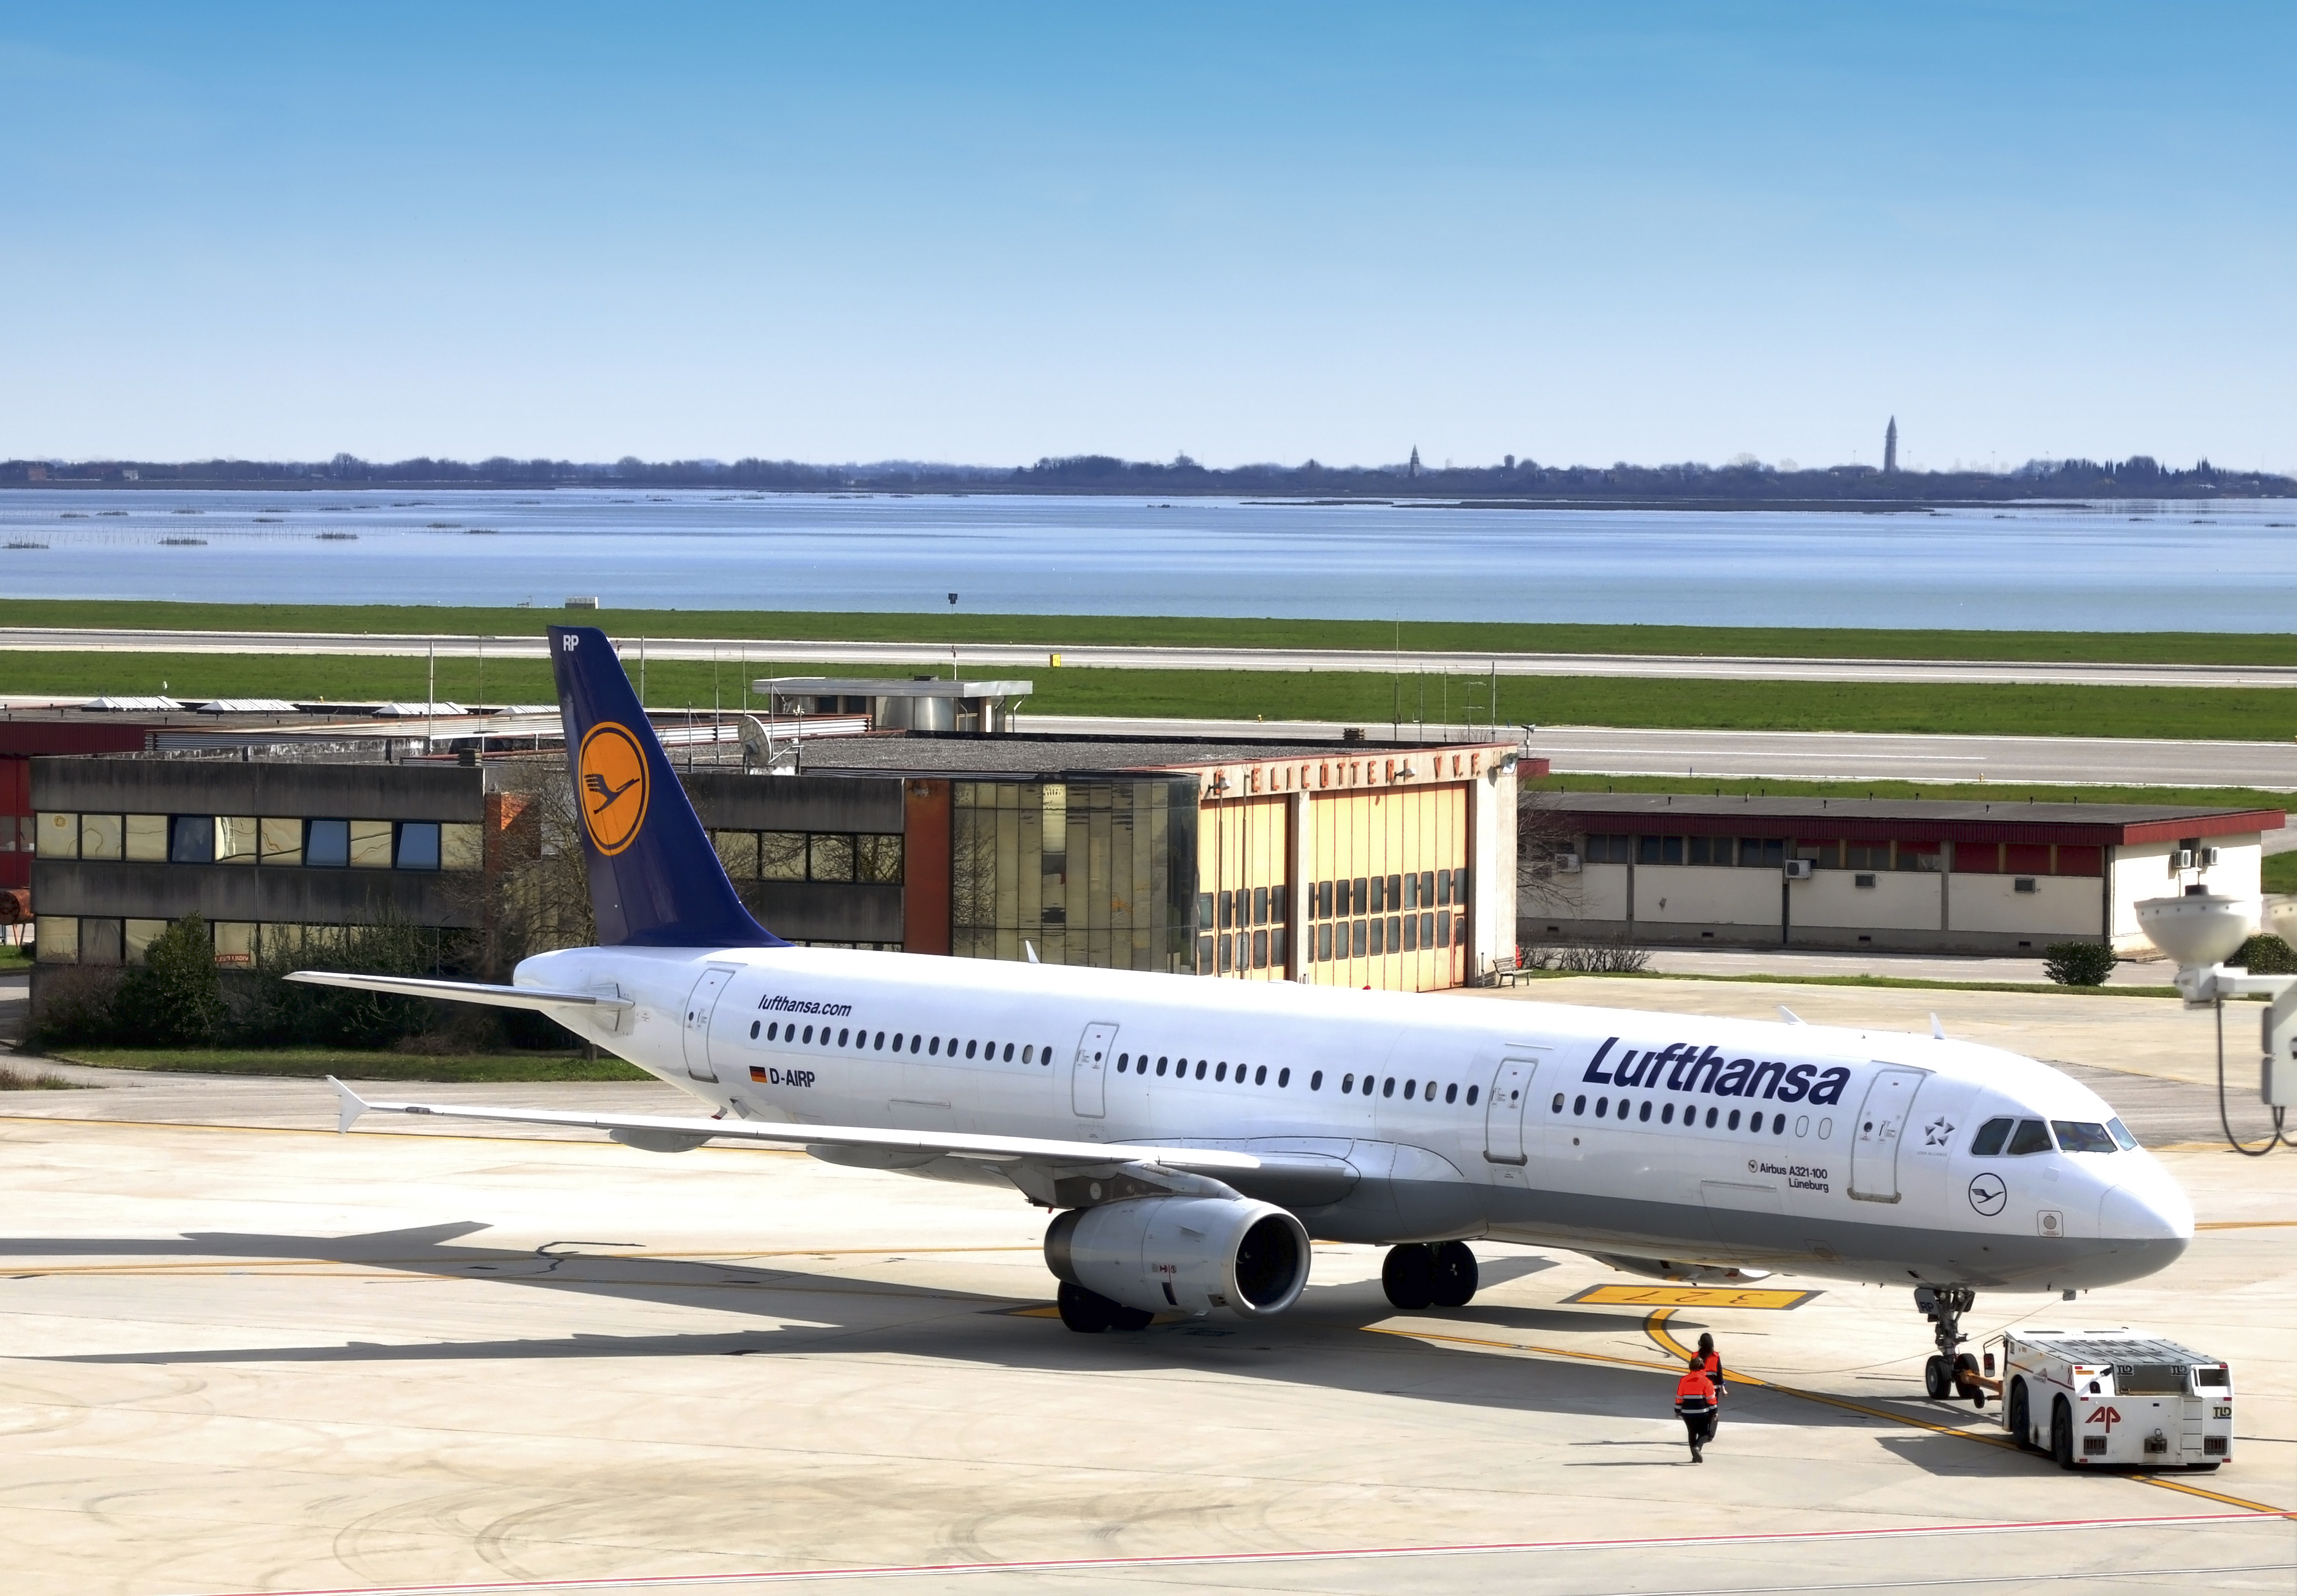 Huelga de Lufthansa octubre 2019